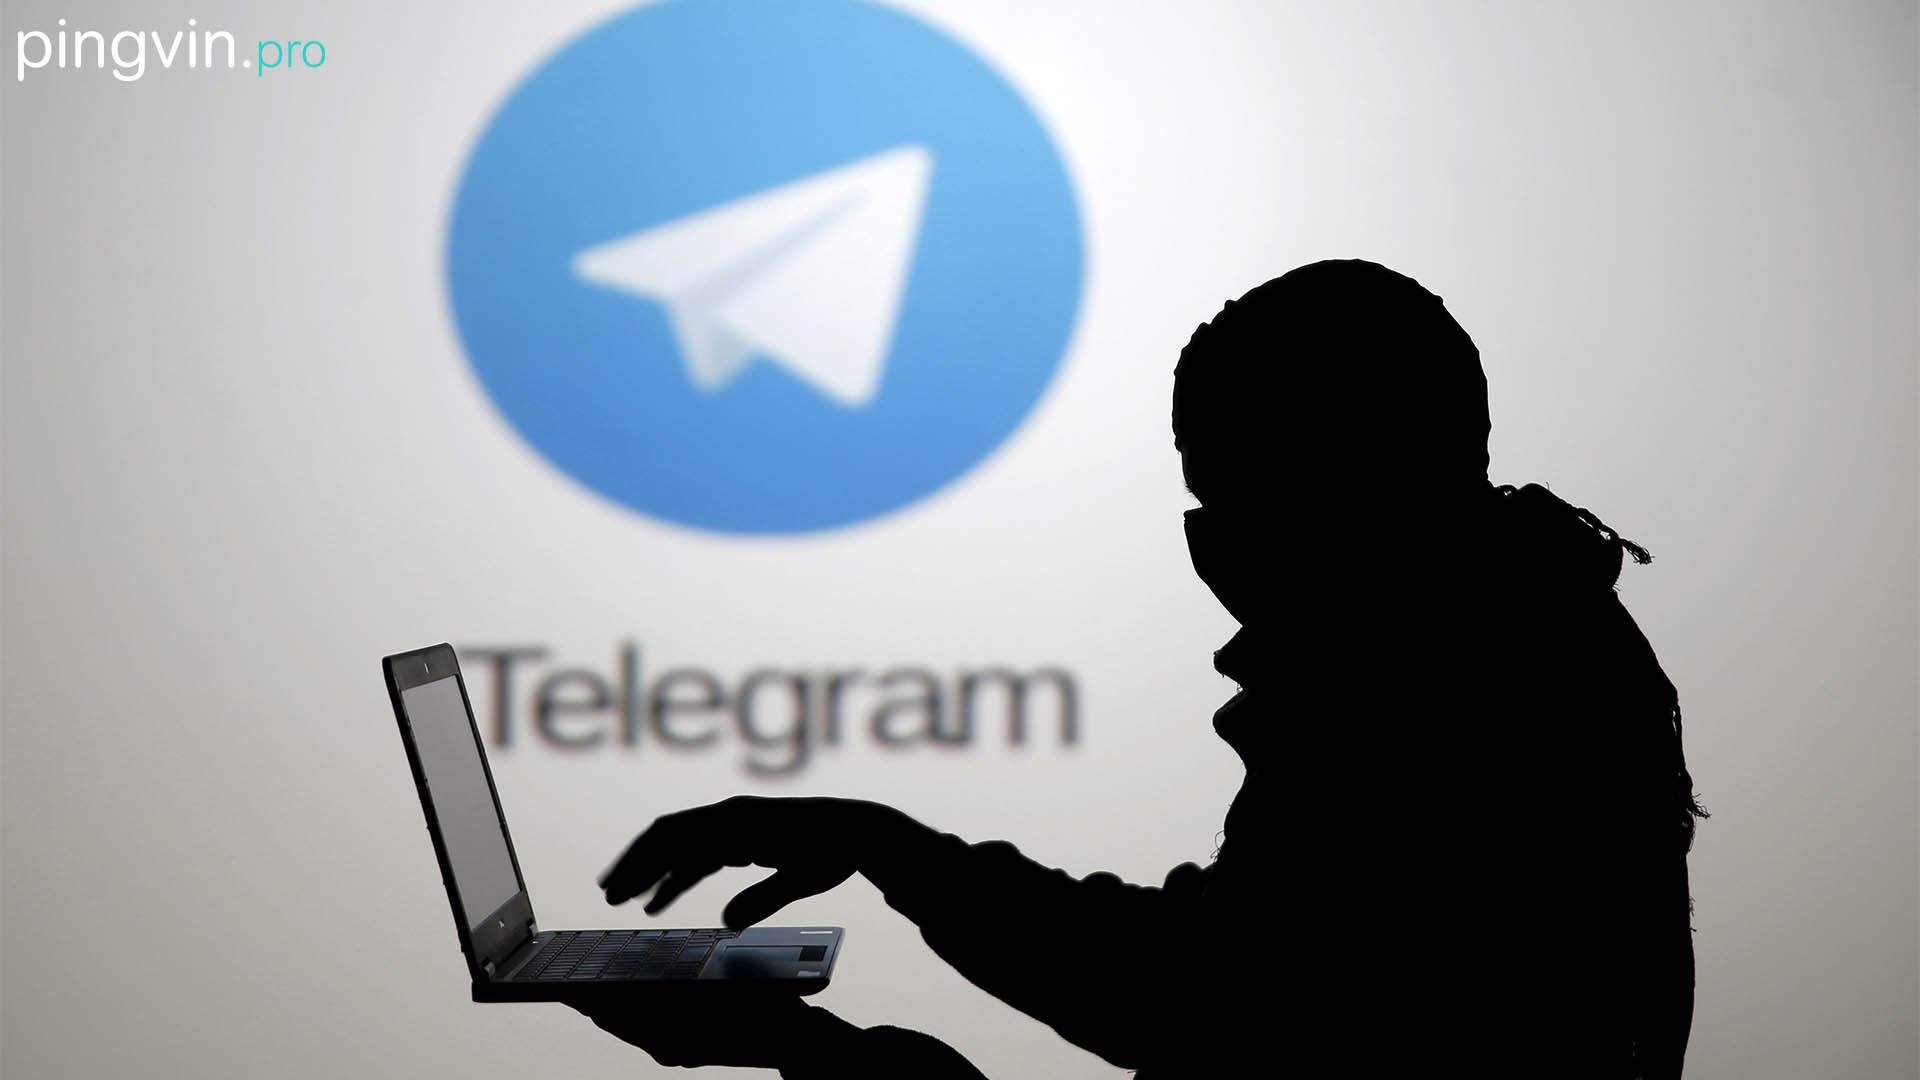 WhatsApp піддався жорсткій критиці засновника Telegram